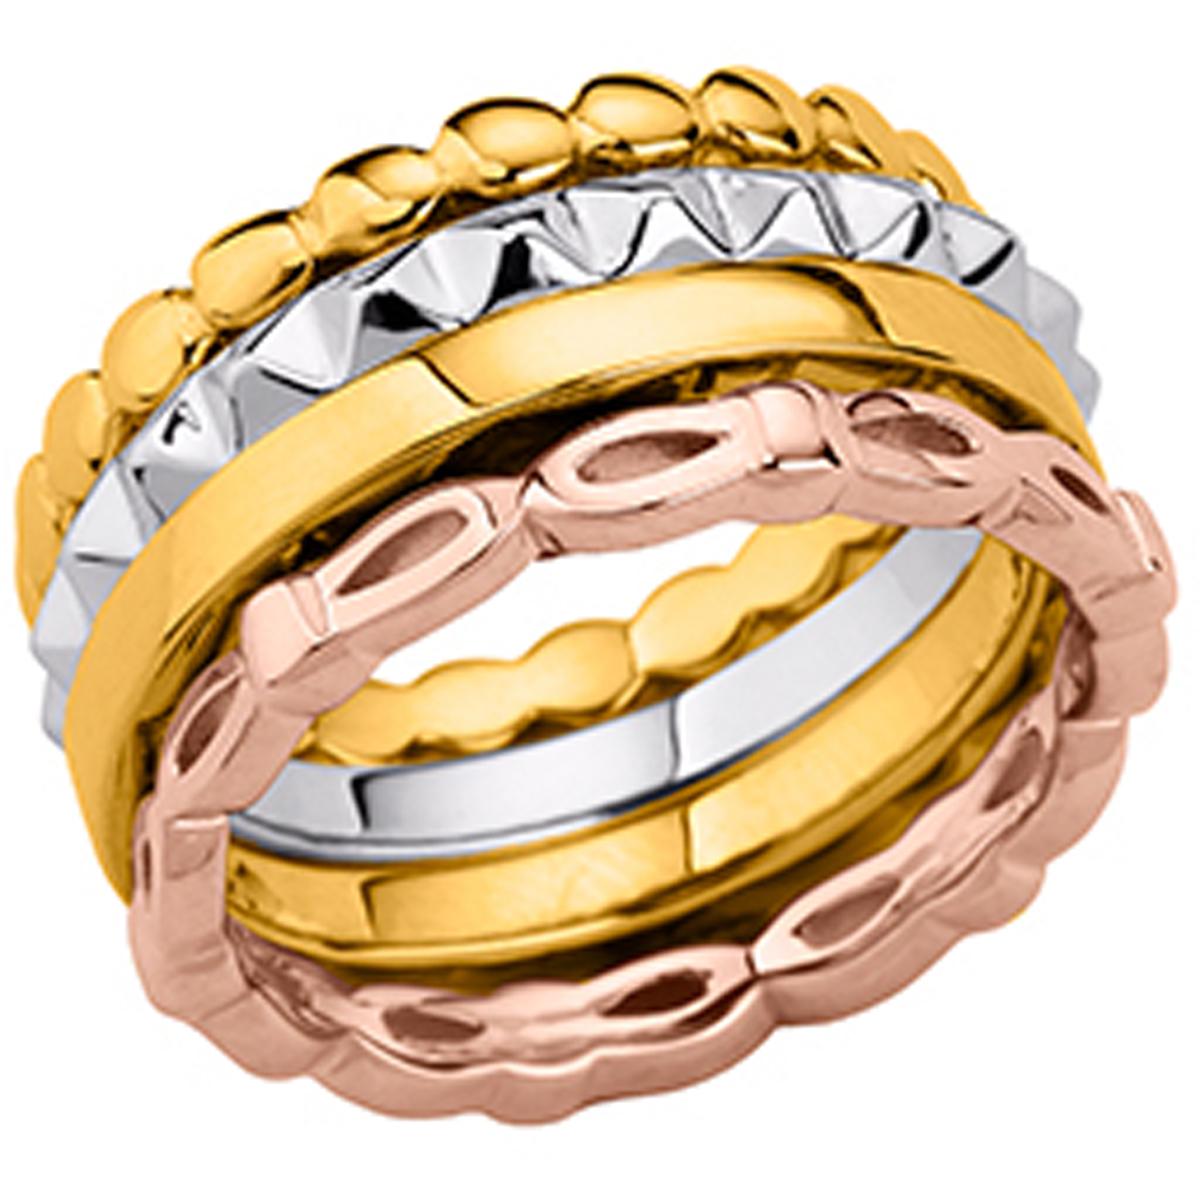 Bague argent \'Bagues Eternelles\' tricolore - 10 mm - [P0596]